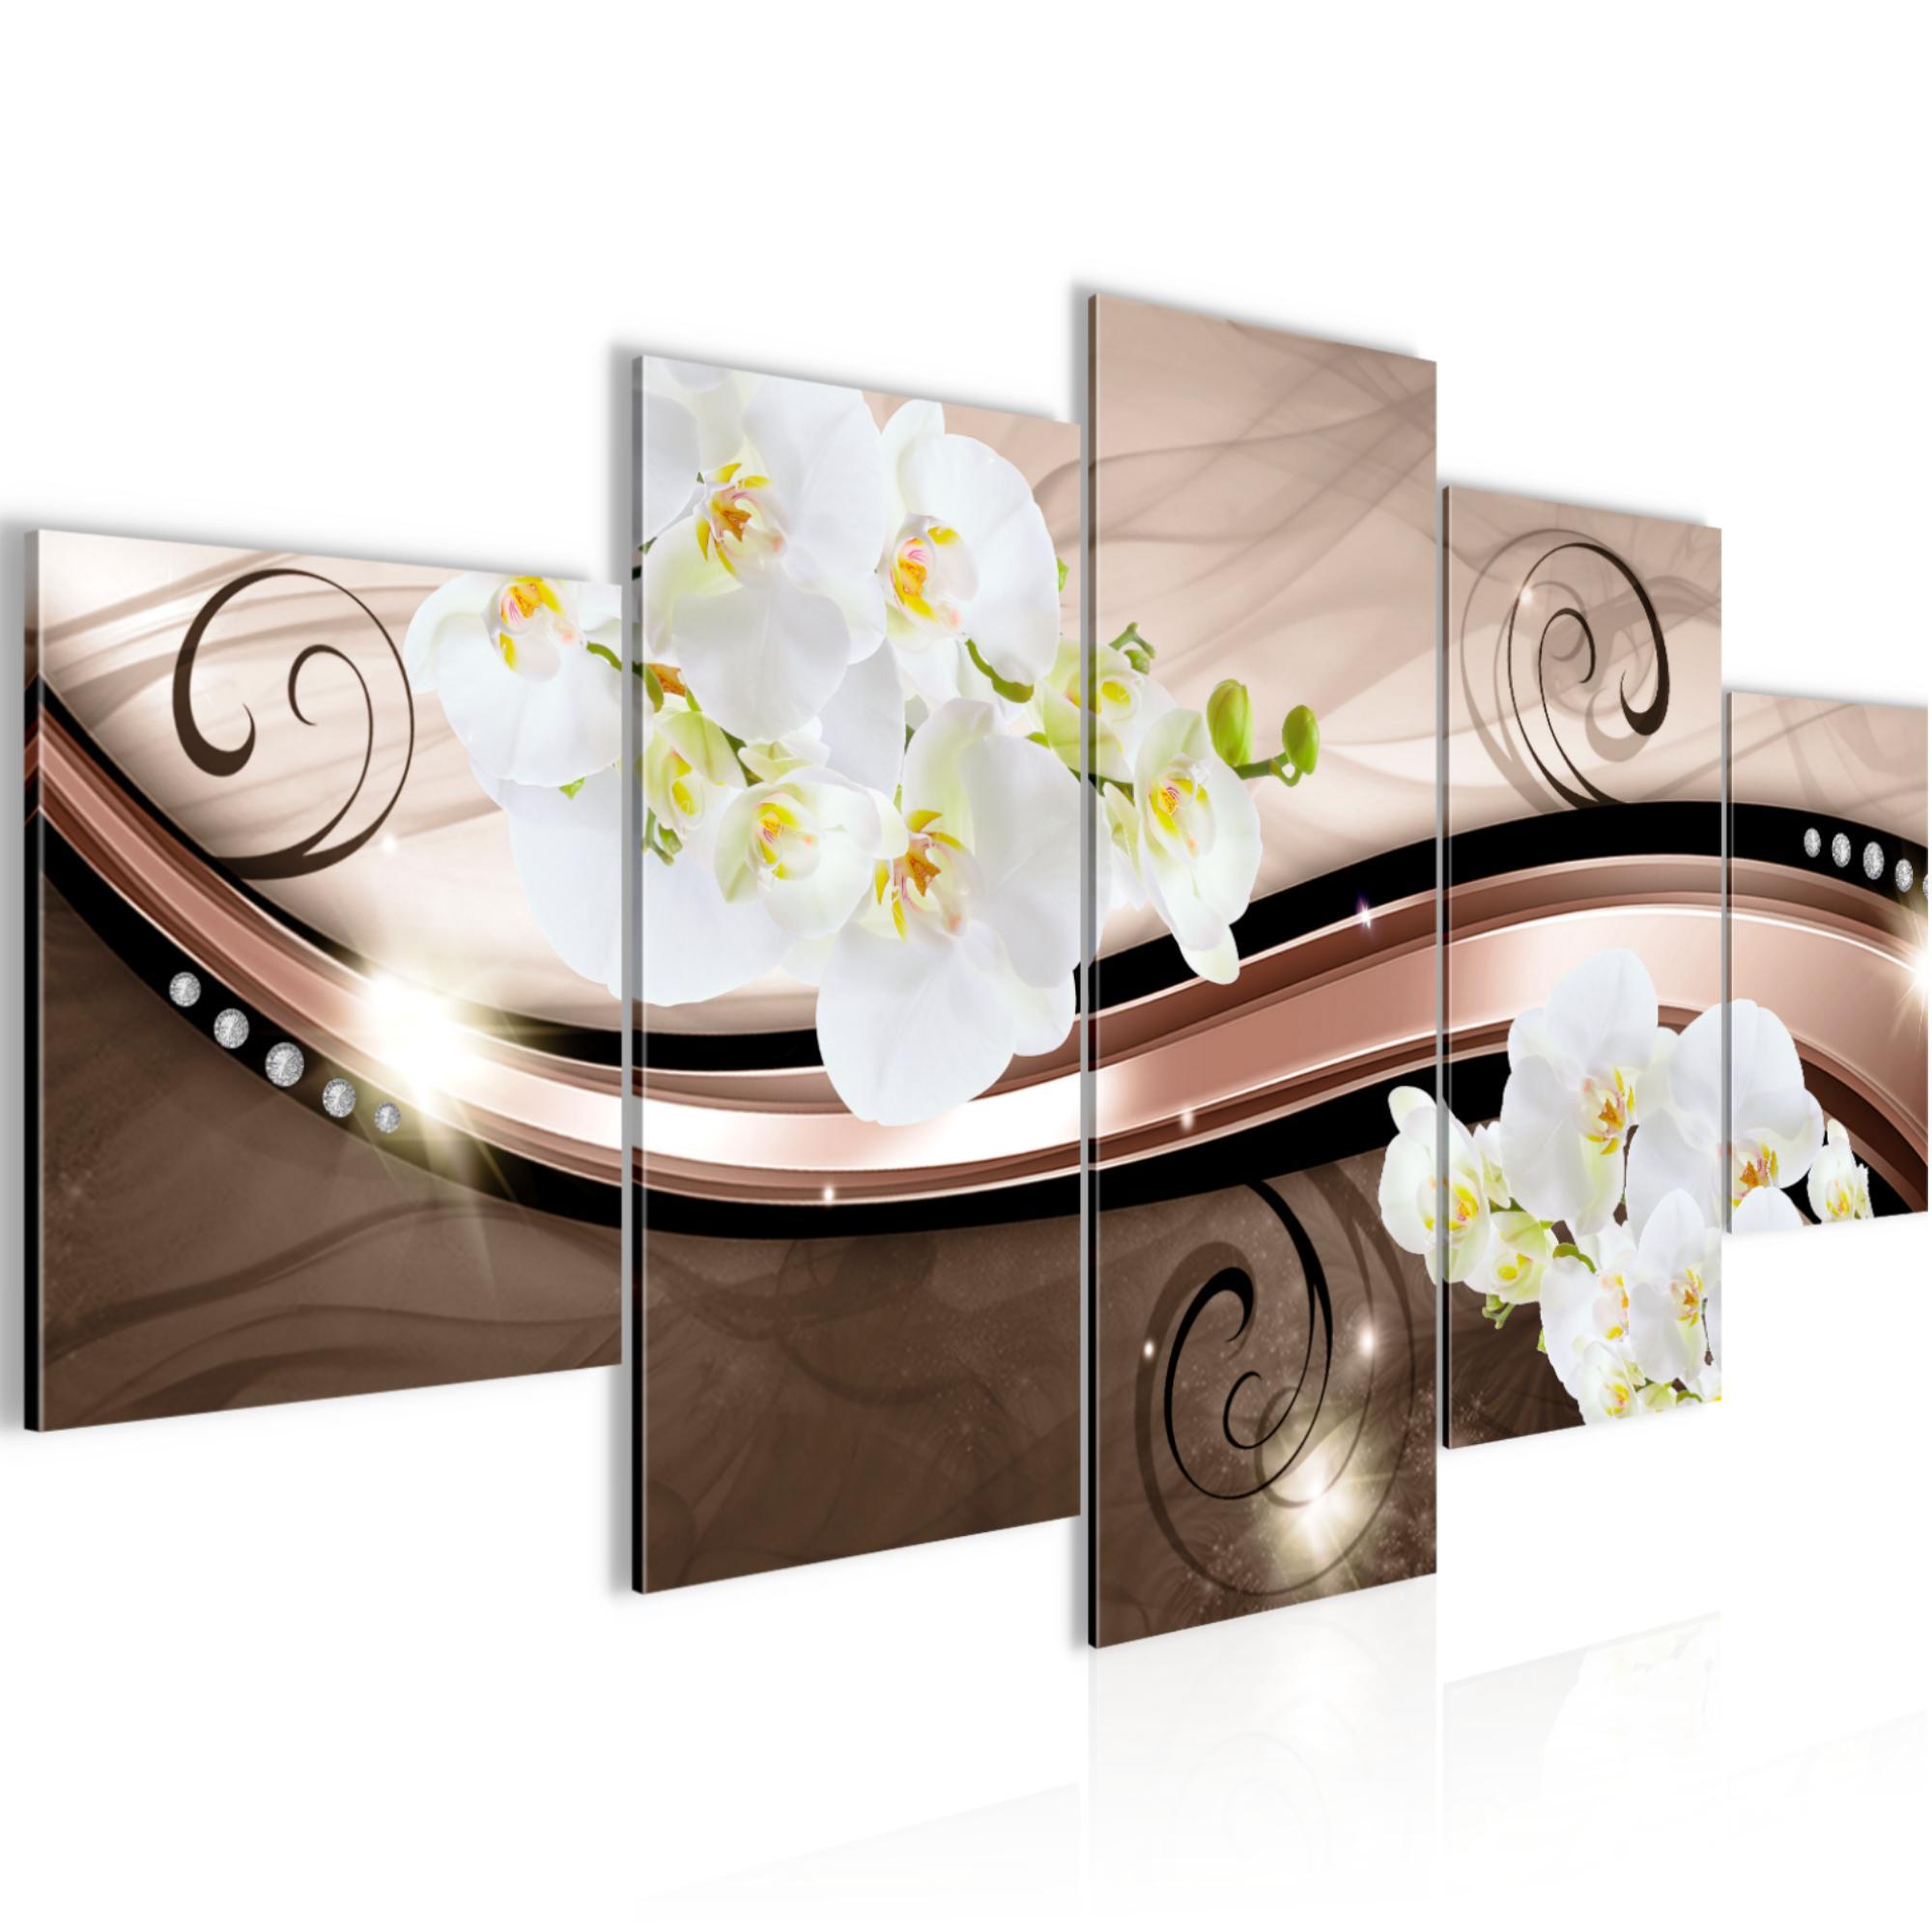 Full Size of Wanddeko Modern Dekoration Bilder Drucke 3tlg Blumen Leinwand Esstisch Küche Holz Moderne Esstische Weiss Landhausküche Modernes Sofa Deckenleuchte Wohnzimmer Wanddeko Modern